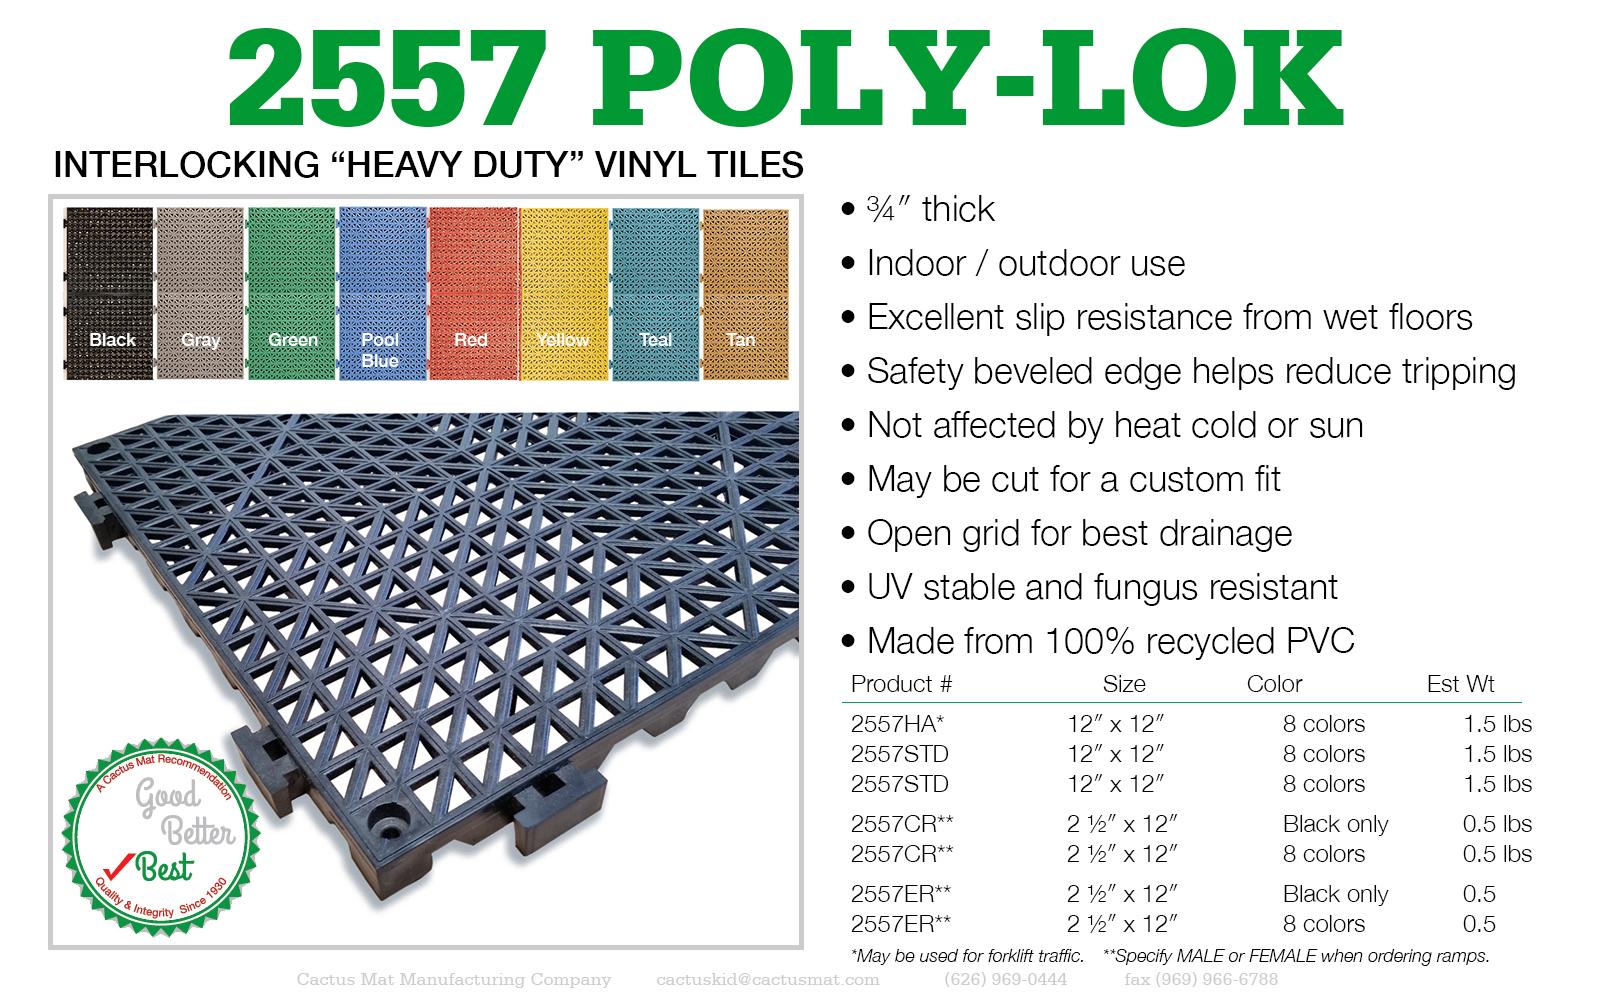 2557_Poly-Lok_1600x1000.jpg